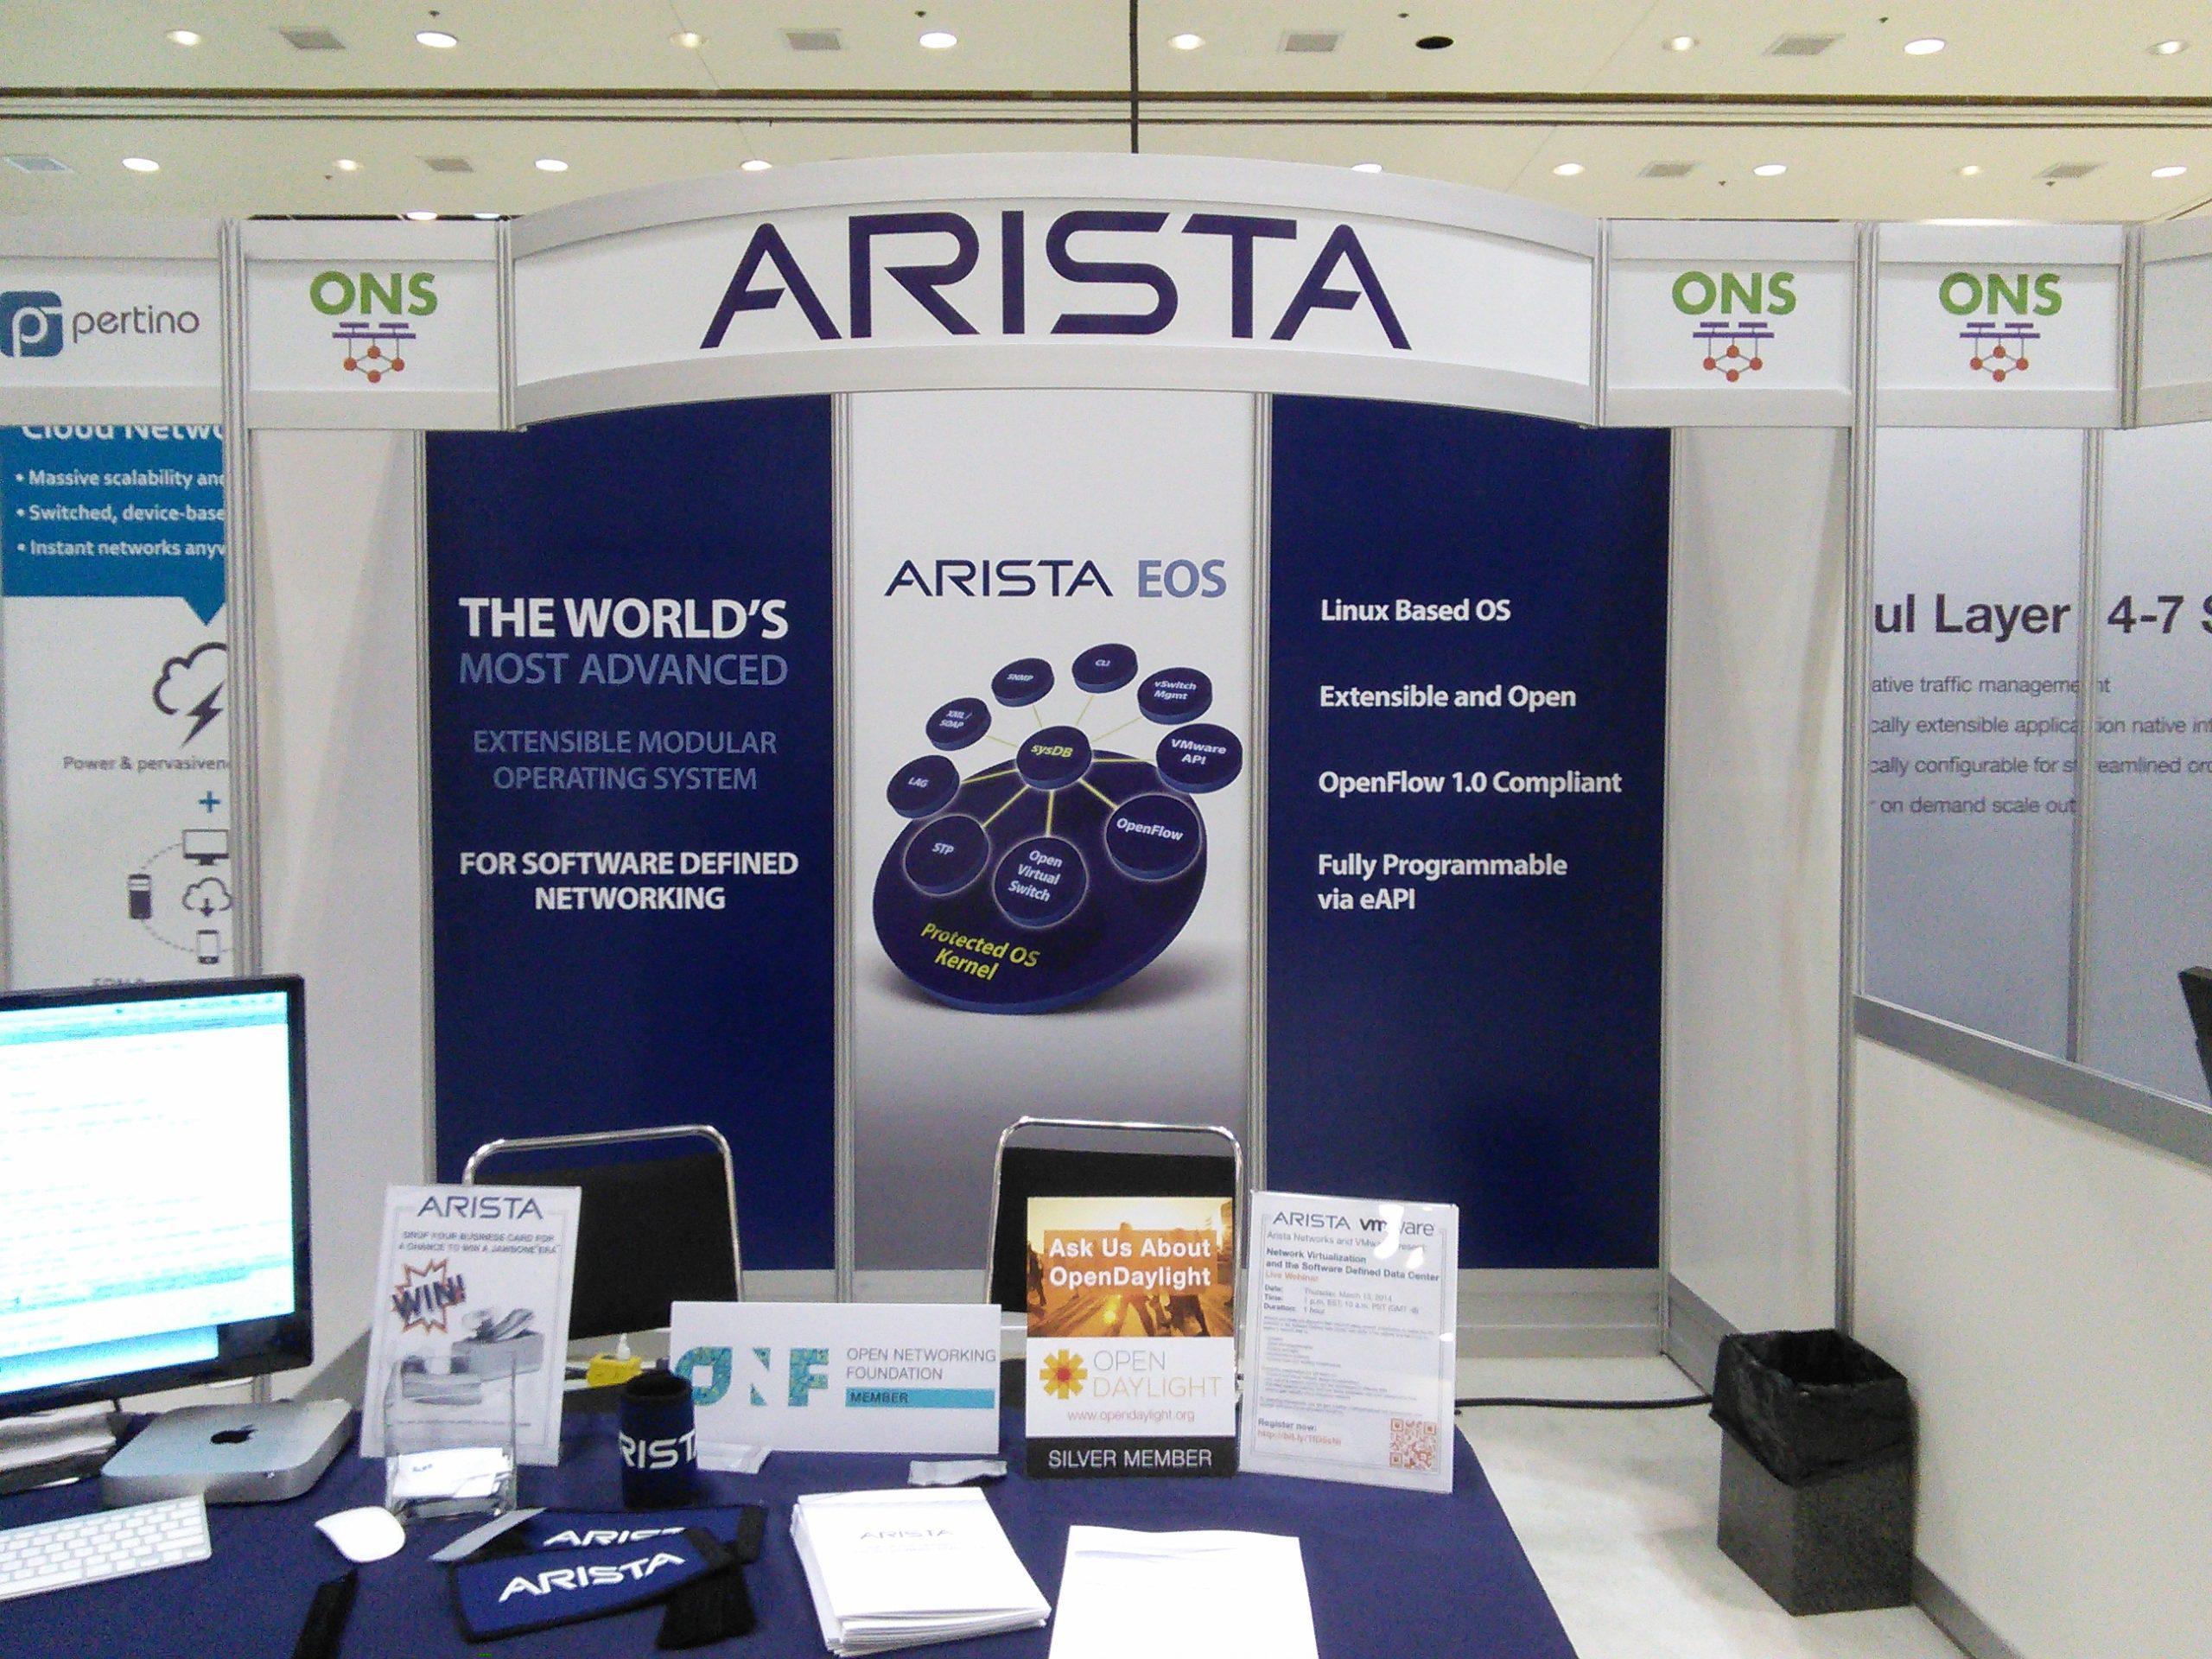 Arista at ONS 2014